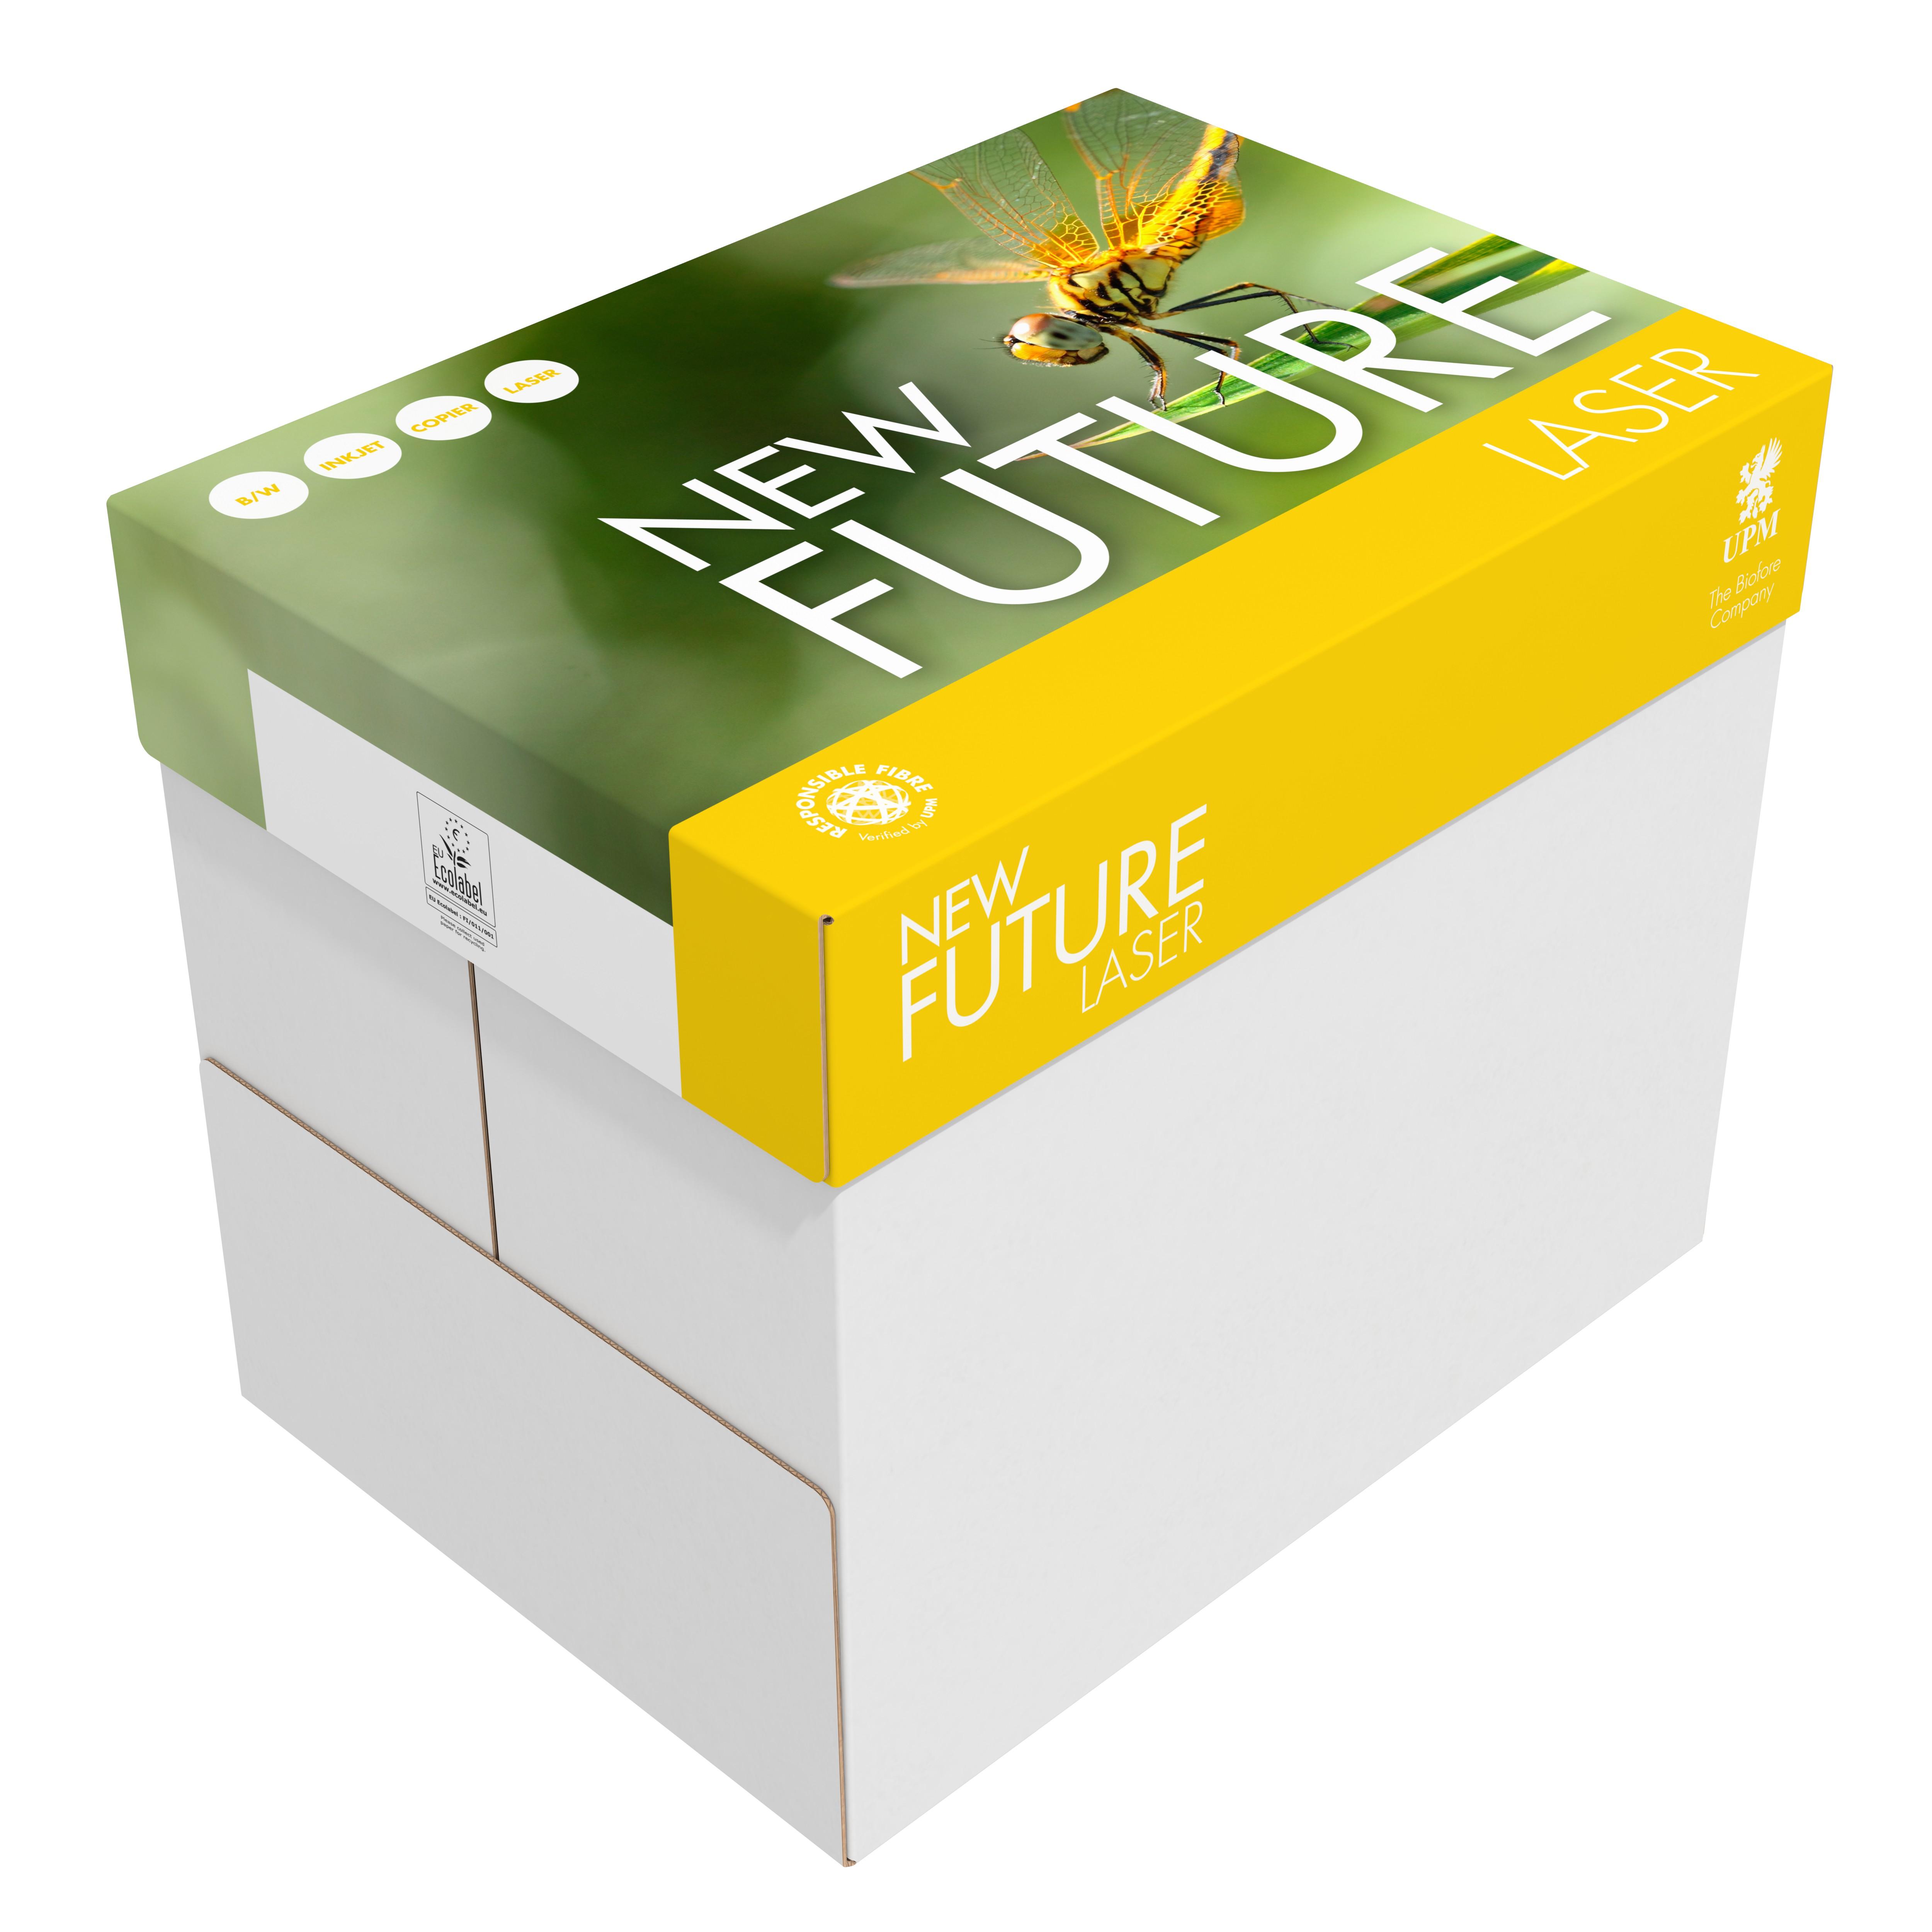 New Future Laser Papier 80g/m² DIN-A5 - 5000 Blatt (10x 500 Blatt) weiß